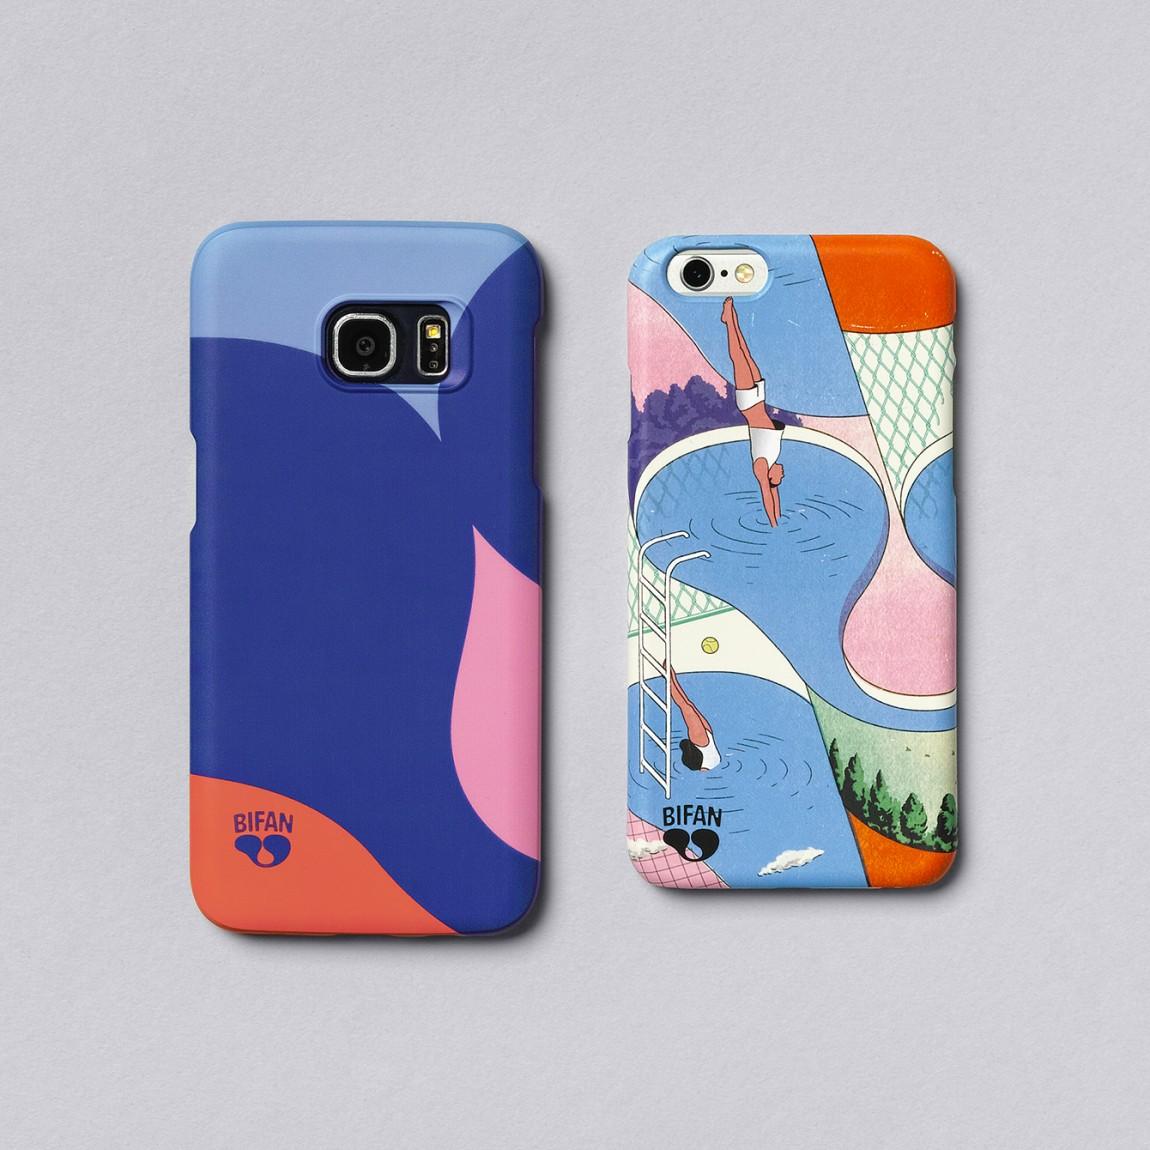 BIFAN品牌形象VI设计,手机壳了礼品设计